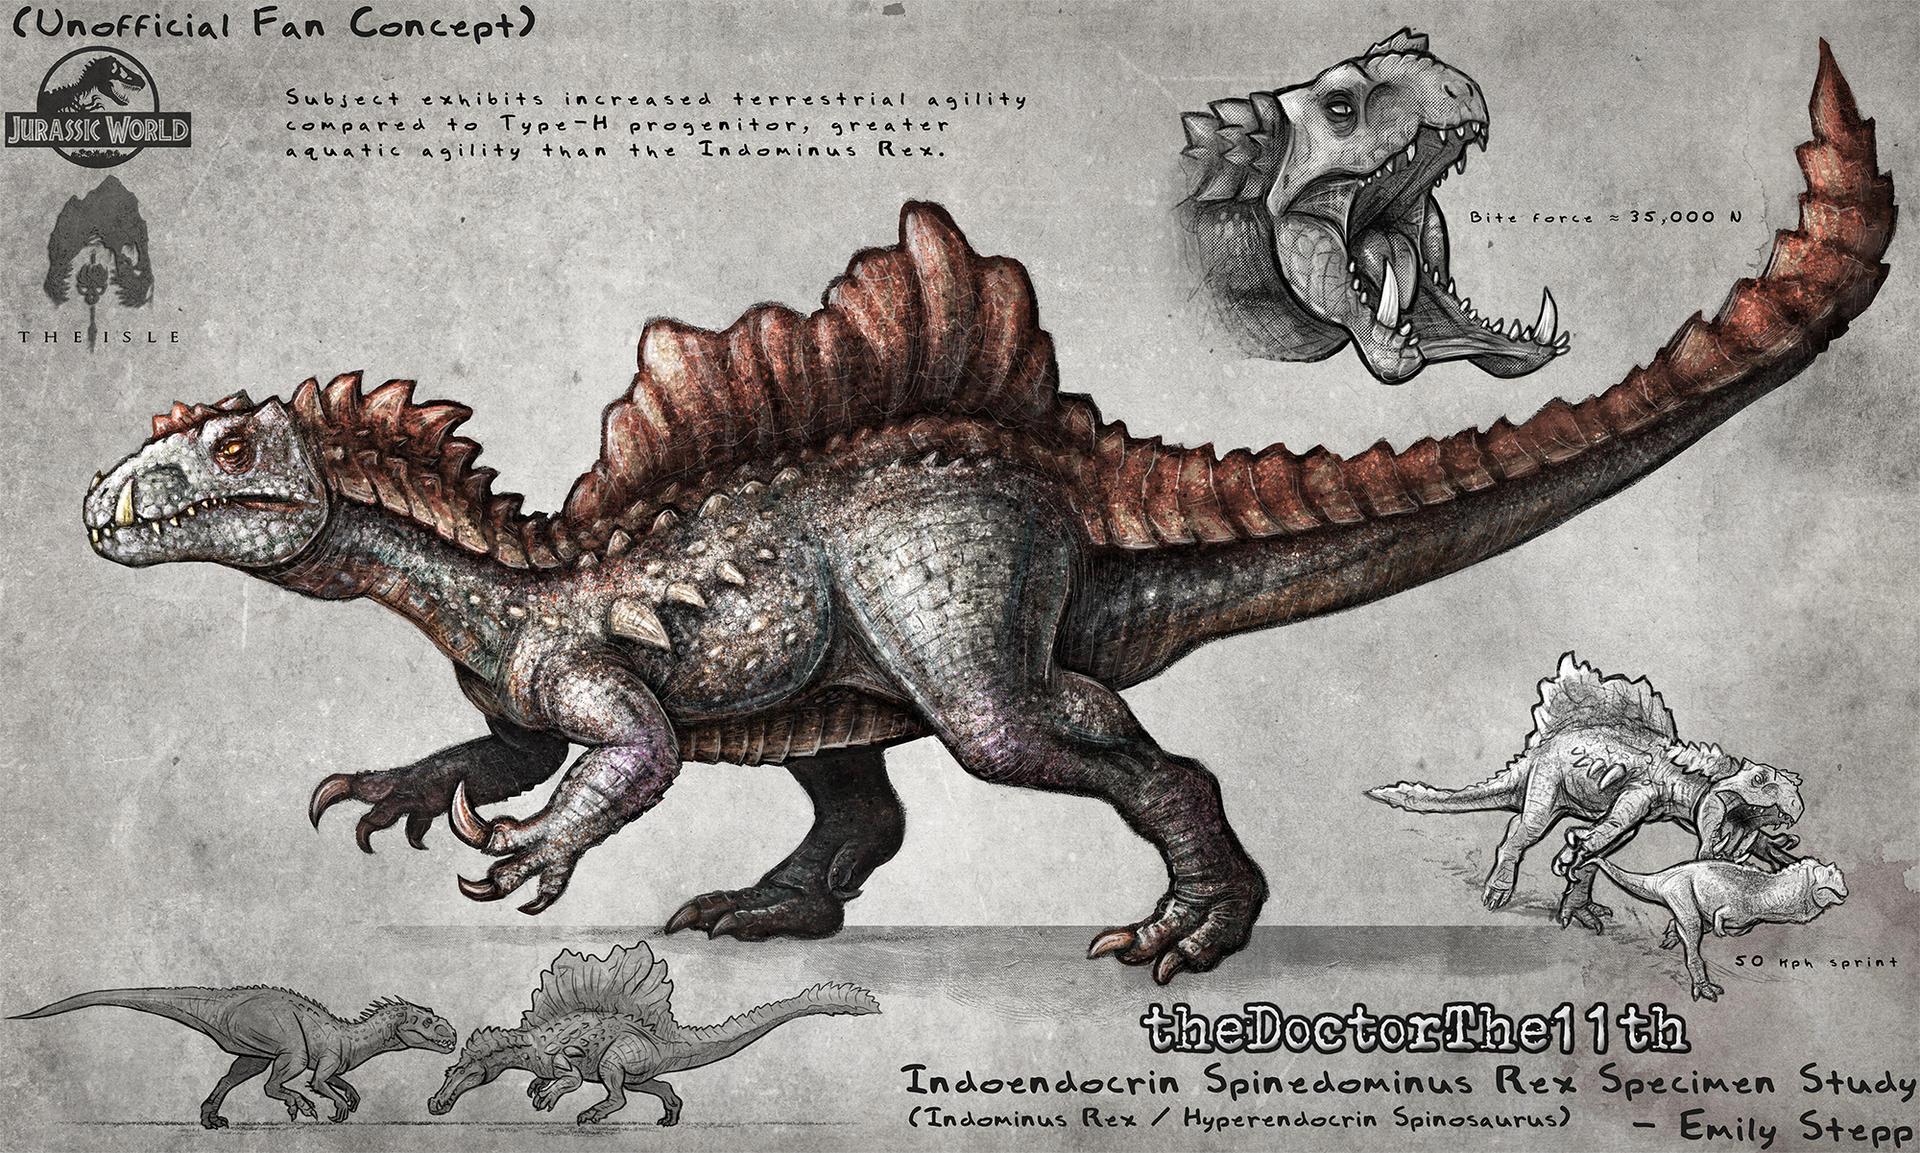 indoendocrin_spinedominus_rex_specimen_study_by_emilystepp_ddctdvv-fullview.jpg?token=eyJ0eXAiOiJKV1QiLCJhbGciOiJIUzI1NiJ9.eyJzdWIiOiJ1cm46YXBwOjdlMGQxODg5ODIyNjQzNzNhNWYwZDQxNWVhMGQyNmUwIiwiaXNzIjoidXJuOmFwcDo3ZTBkMTg4OTgyMjY0MzczYTVmMGQ0MTVlYTBkMjZlMCIsIm9iaiI6W1t7ImhlaWdodCI6Ijw9MTE1MyIsInBhdGgiOiJcL2ZcLzE3ZGM1MGJlLWQxNzEtNGY3MC1iMmE4LTI0MWQ3M2M4NDUzOVwvZGRjdGR2di0zODExM2IzMi1mZjMxLTQxYmItOGNiOC00MGM0ZDM0Y2FjNzkuanBnIiwid2lkdGgiOiI8PTE5MjAifV1dLCJhdWQiOlsidXJuOnNlcnZpY2U6aW1hZ2Uub3BlcmF0aW9ucyJdfQ.x-Hk79CviqYBAm9t3Mt1XwV4vxynG8Xz_bIyqNqH8RE